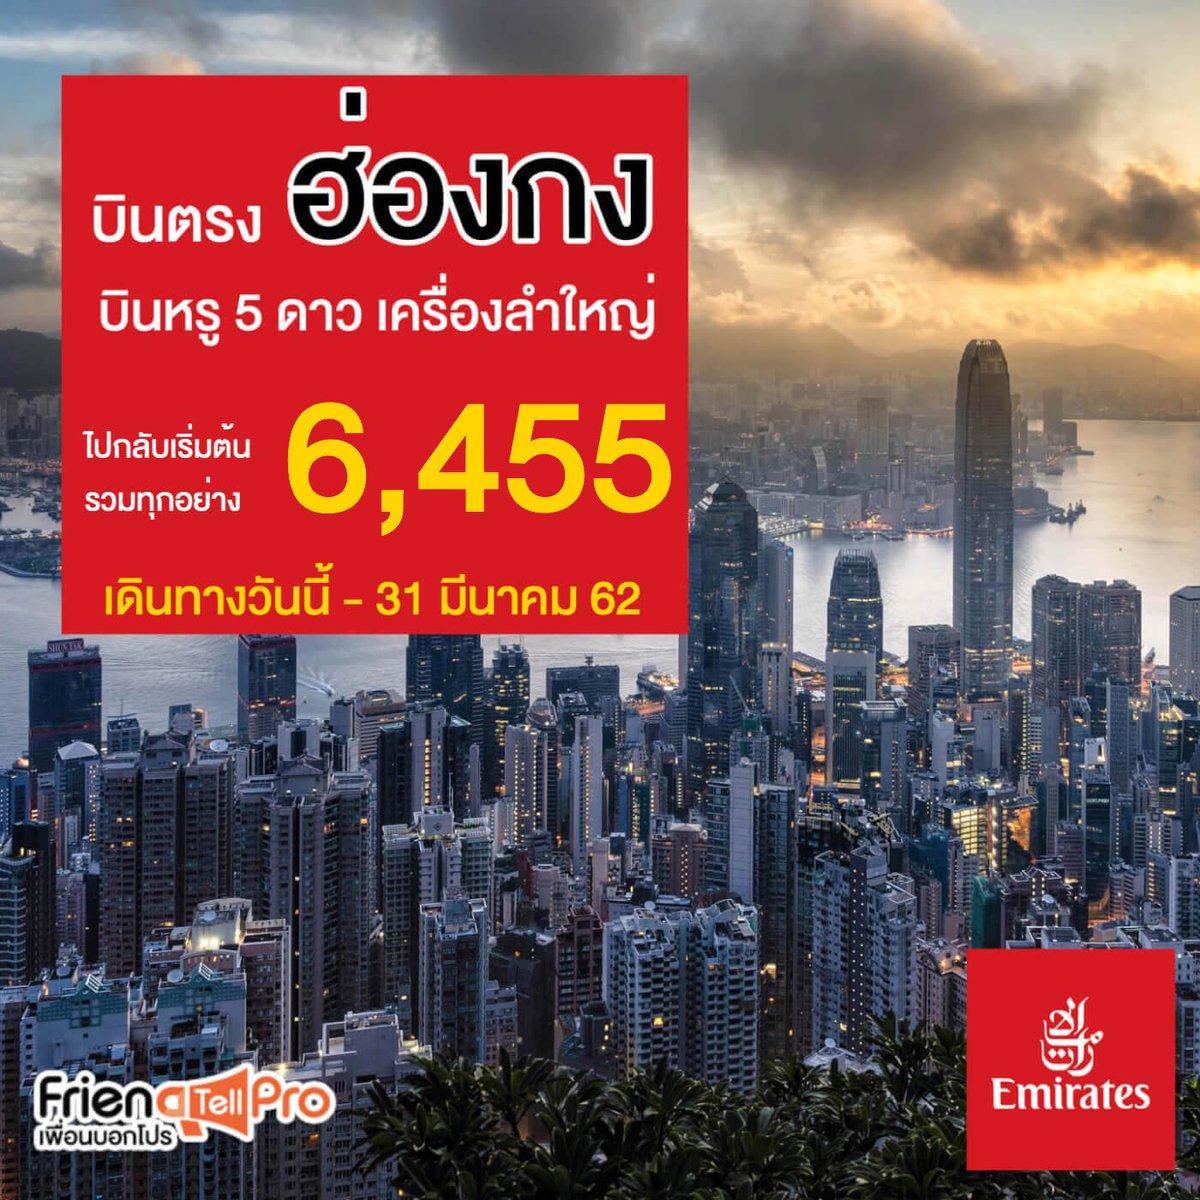 #เอมิเรตส์ #Emirates บินตรงสู่ #ฮ่องกง ไปกลับเริ่มต้น 6,455 บาท - http://bit.ly/2QWzI48  ✔️Credit photo by http://Unsplash.com   #โปรโมชั่น #Promotion #ชี้เป้าโปรถูก #ถูกบอกต่อ #เพื่อนบอกโปร #Friendtellpro